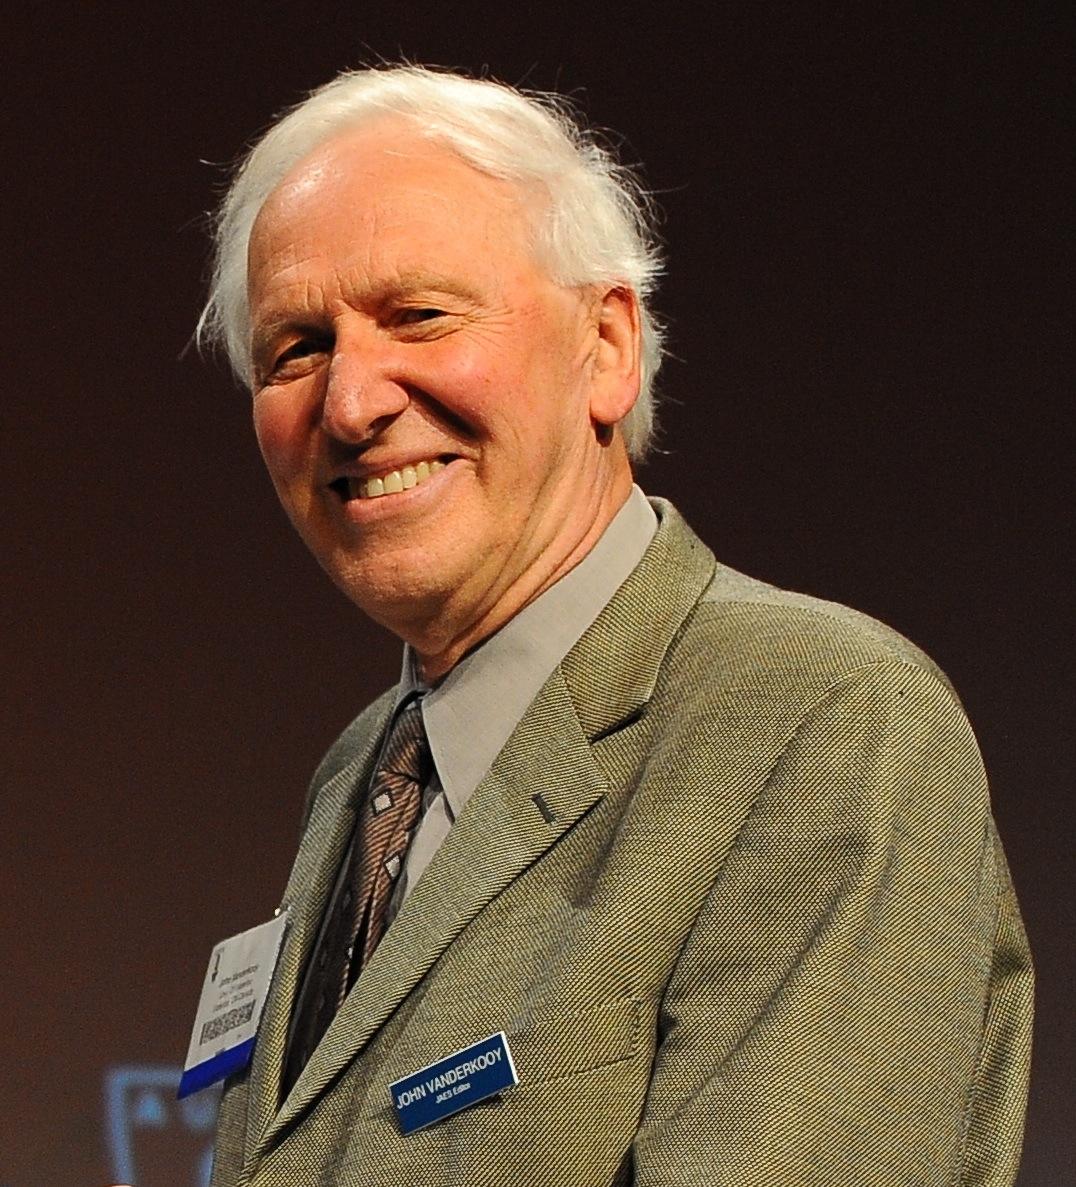 Professor John Vanderkooy